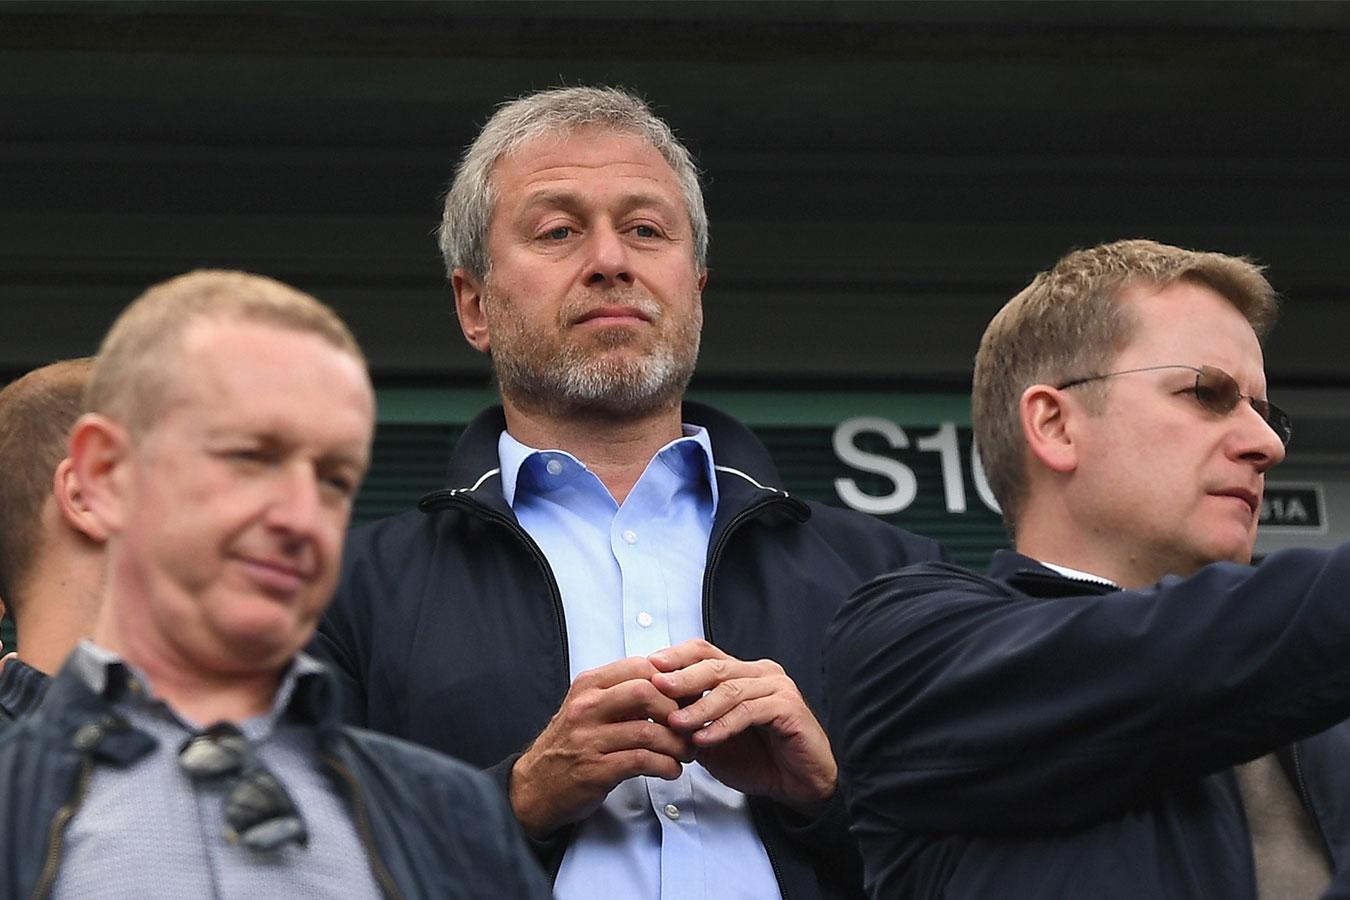 Роман Абрамович лично принял решение о выходе «Челси» из Европейской Суперлиги